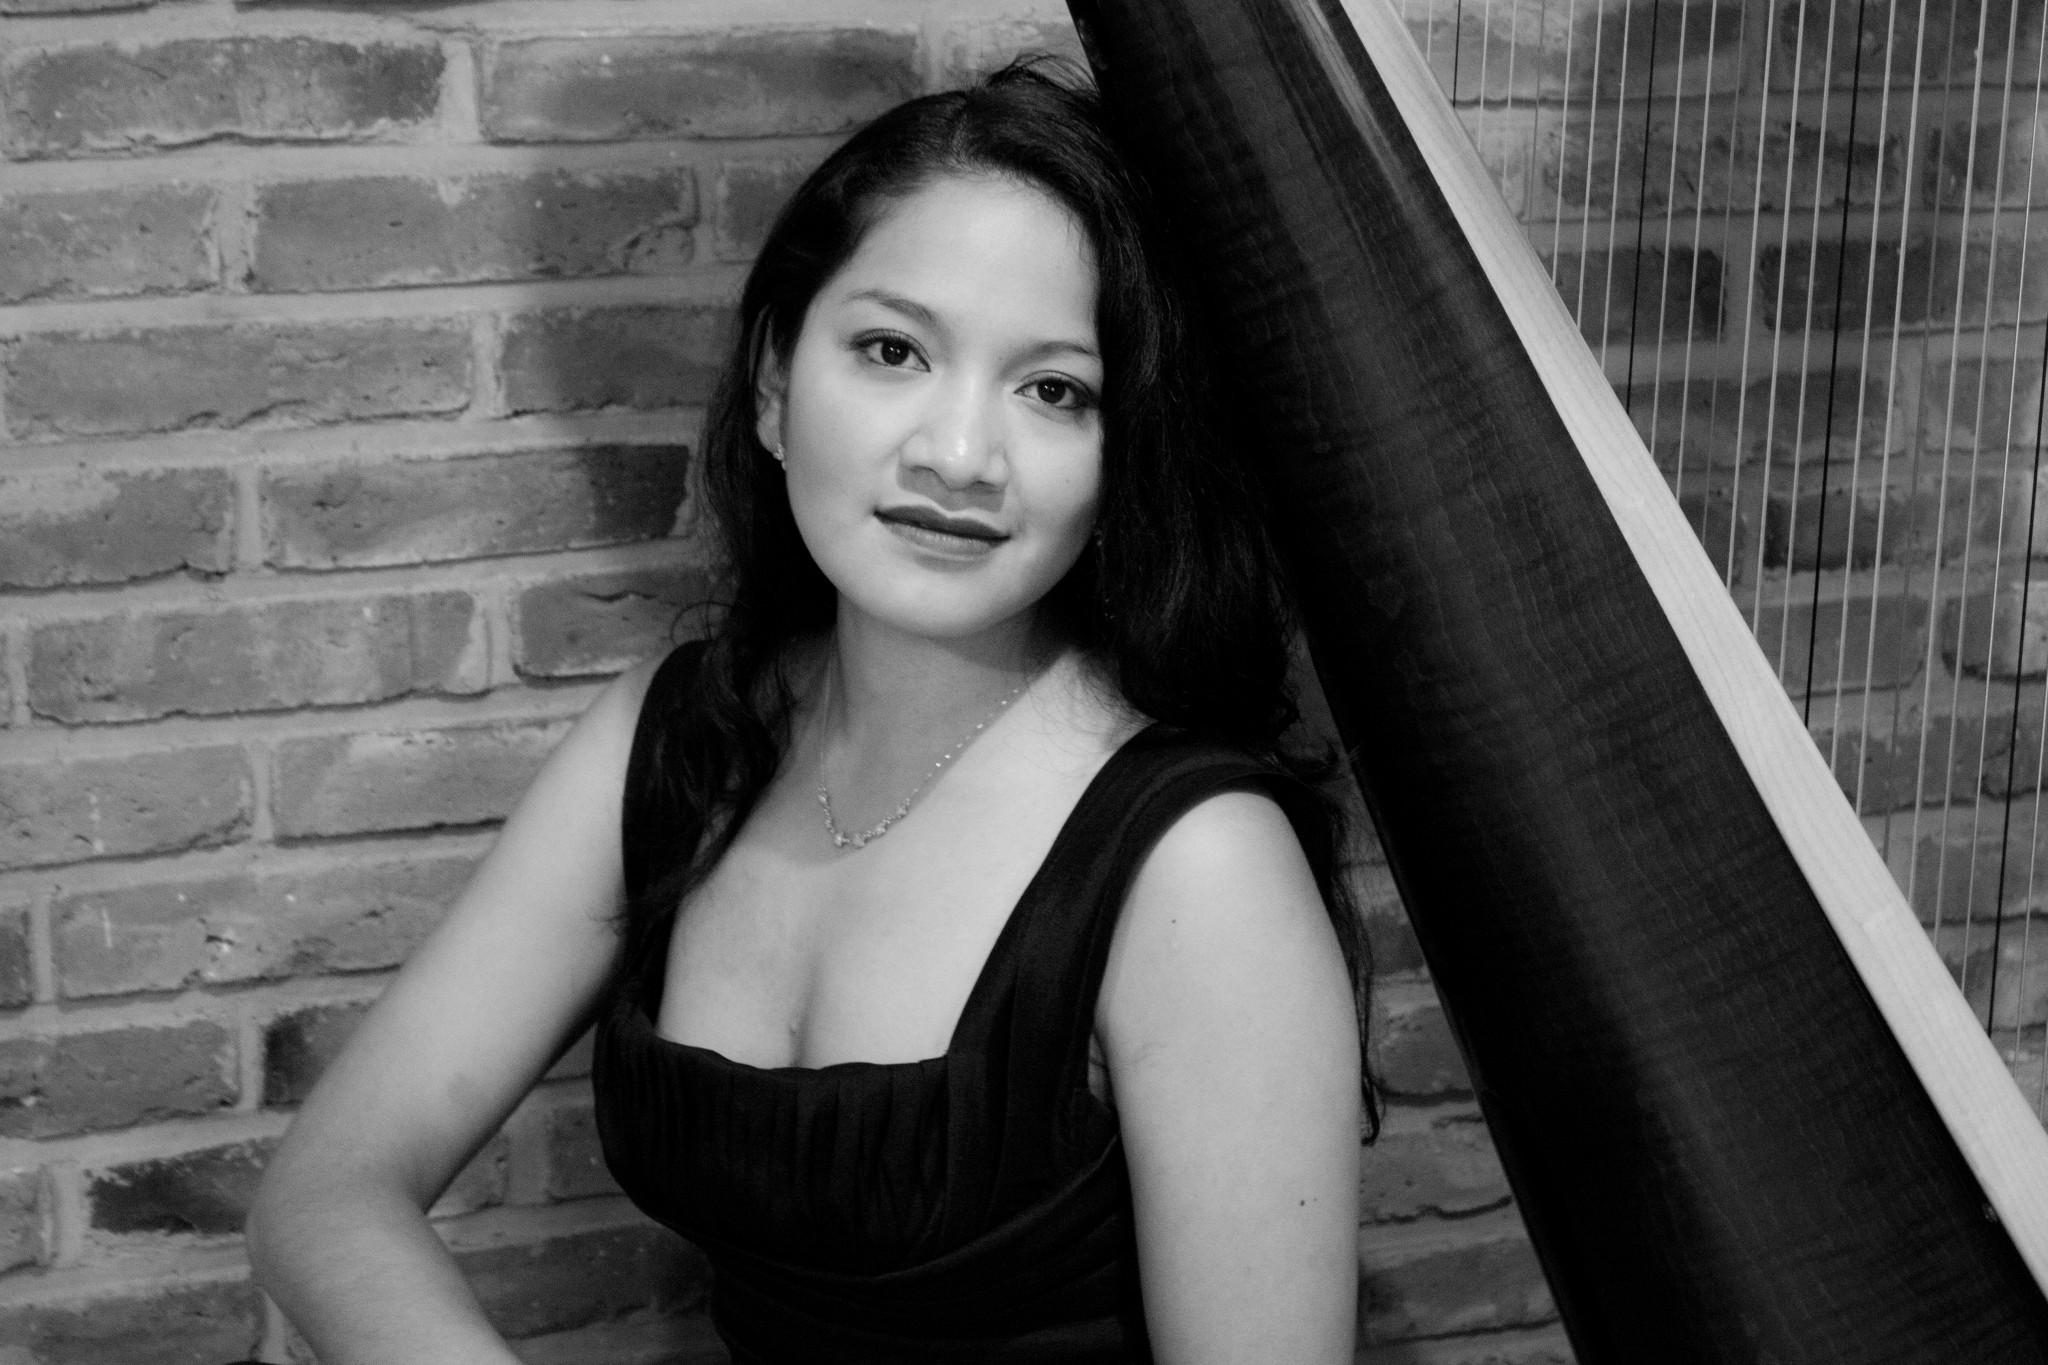 kunstpost harp concert4-2 2016 betuel ramírez velasco